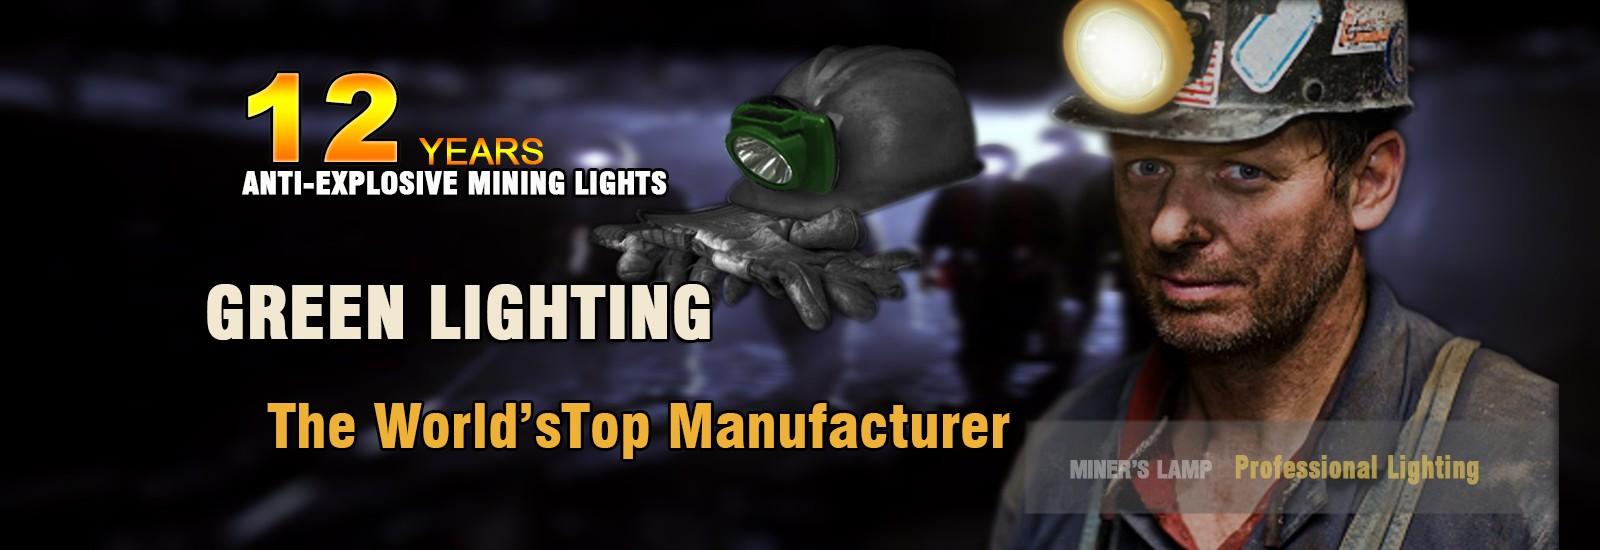 Green Lighting Technology Co Ltd